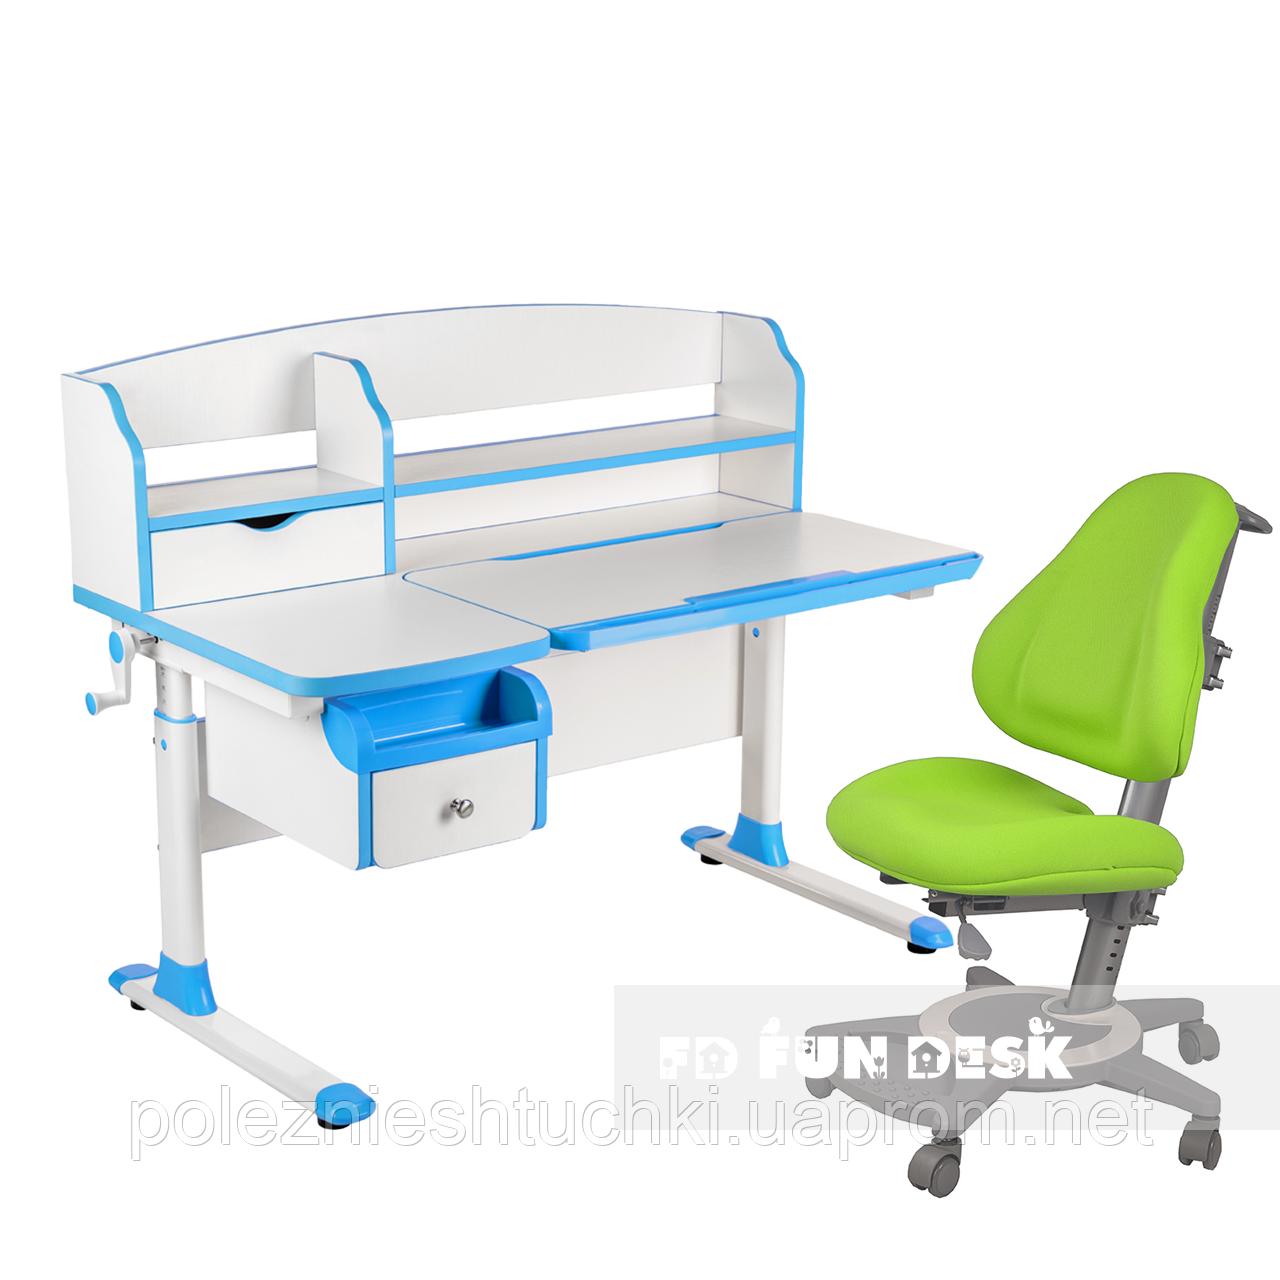 Комплект парта для подростка Sognare Blue + детское ортопедическое кресло Bravo Green FunDesk